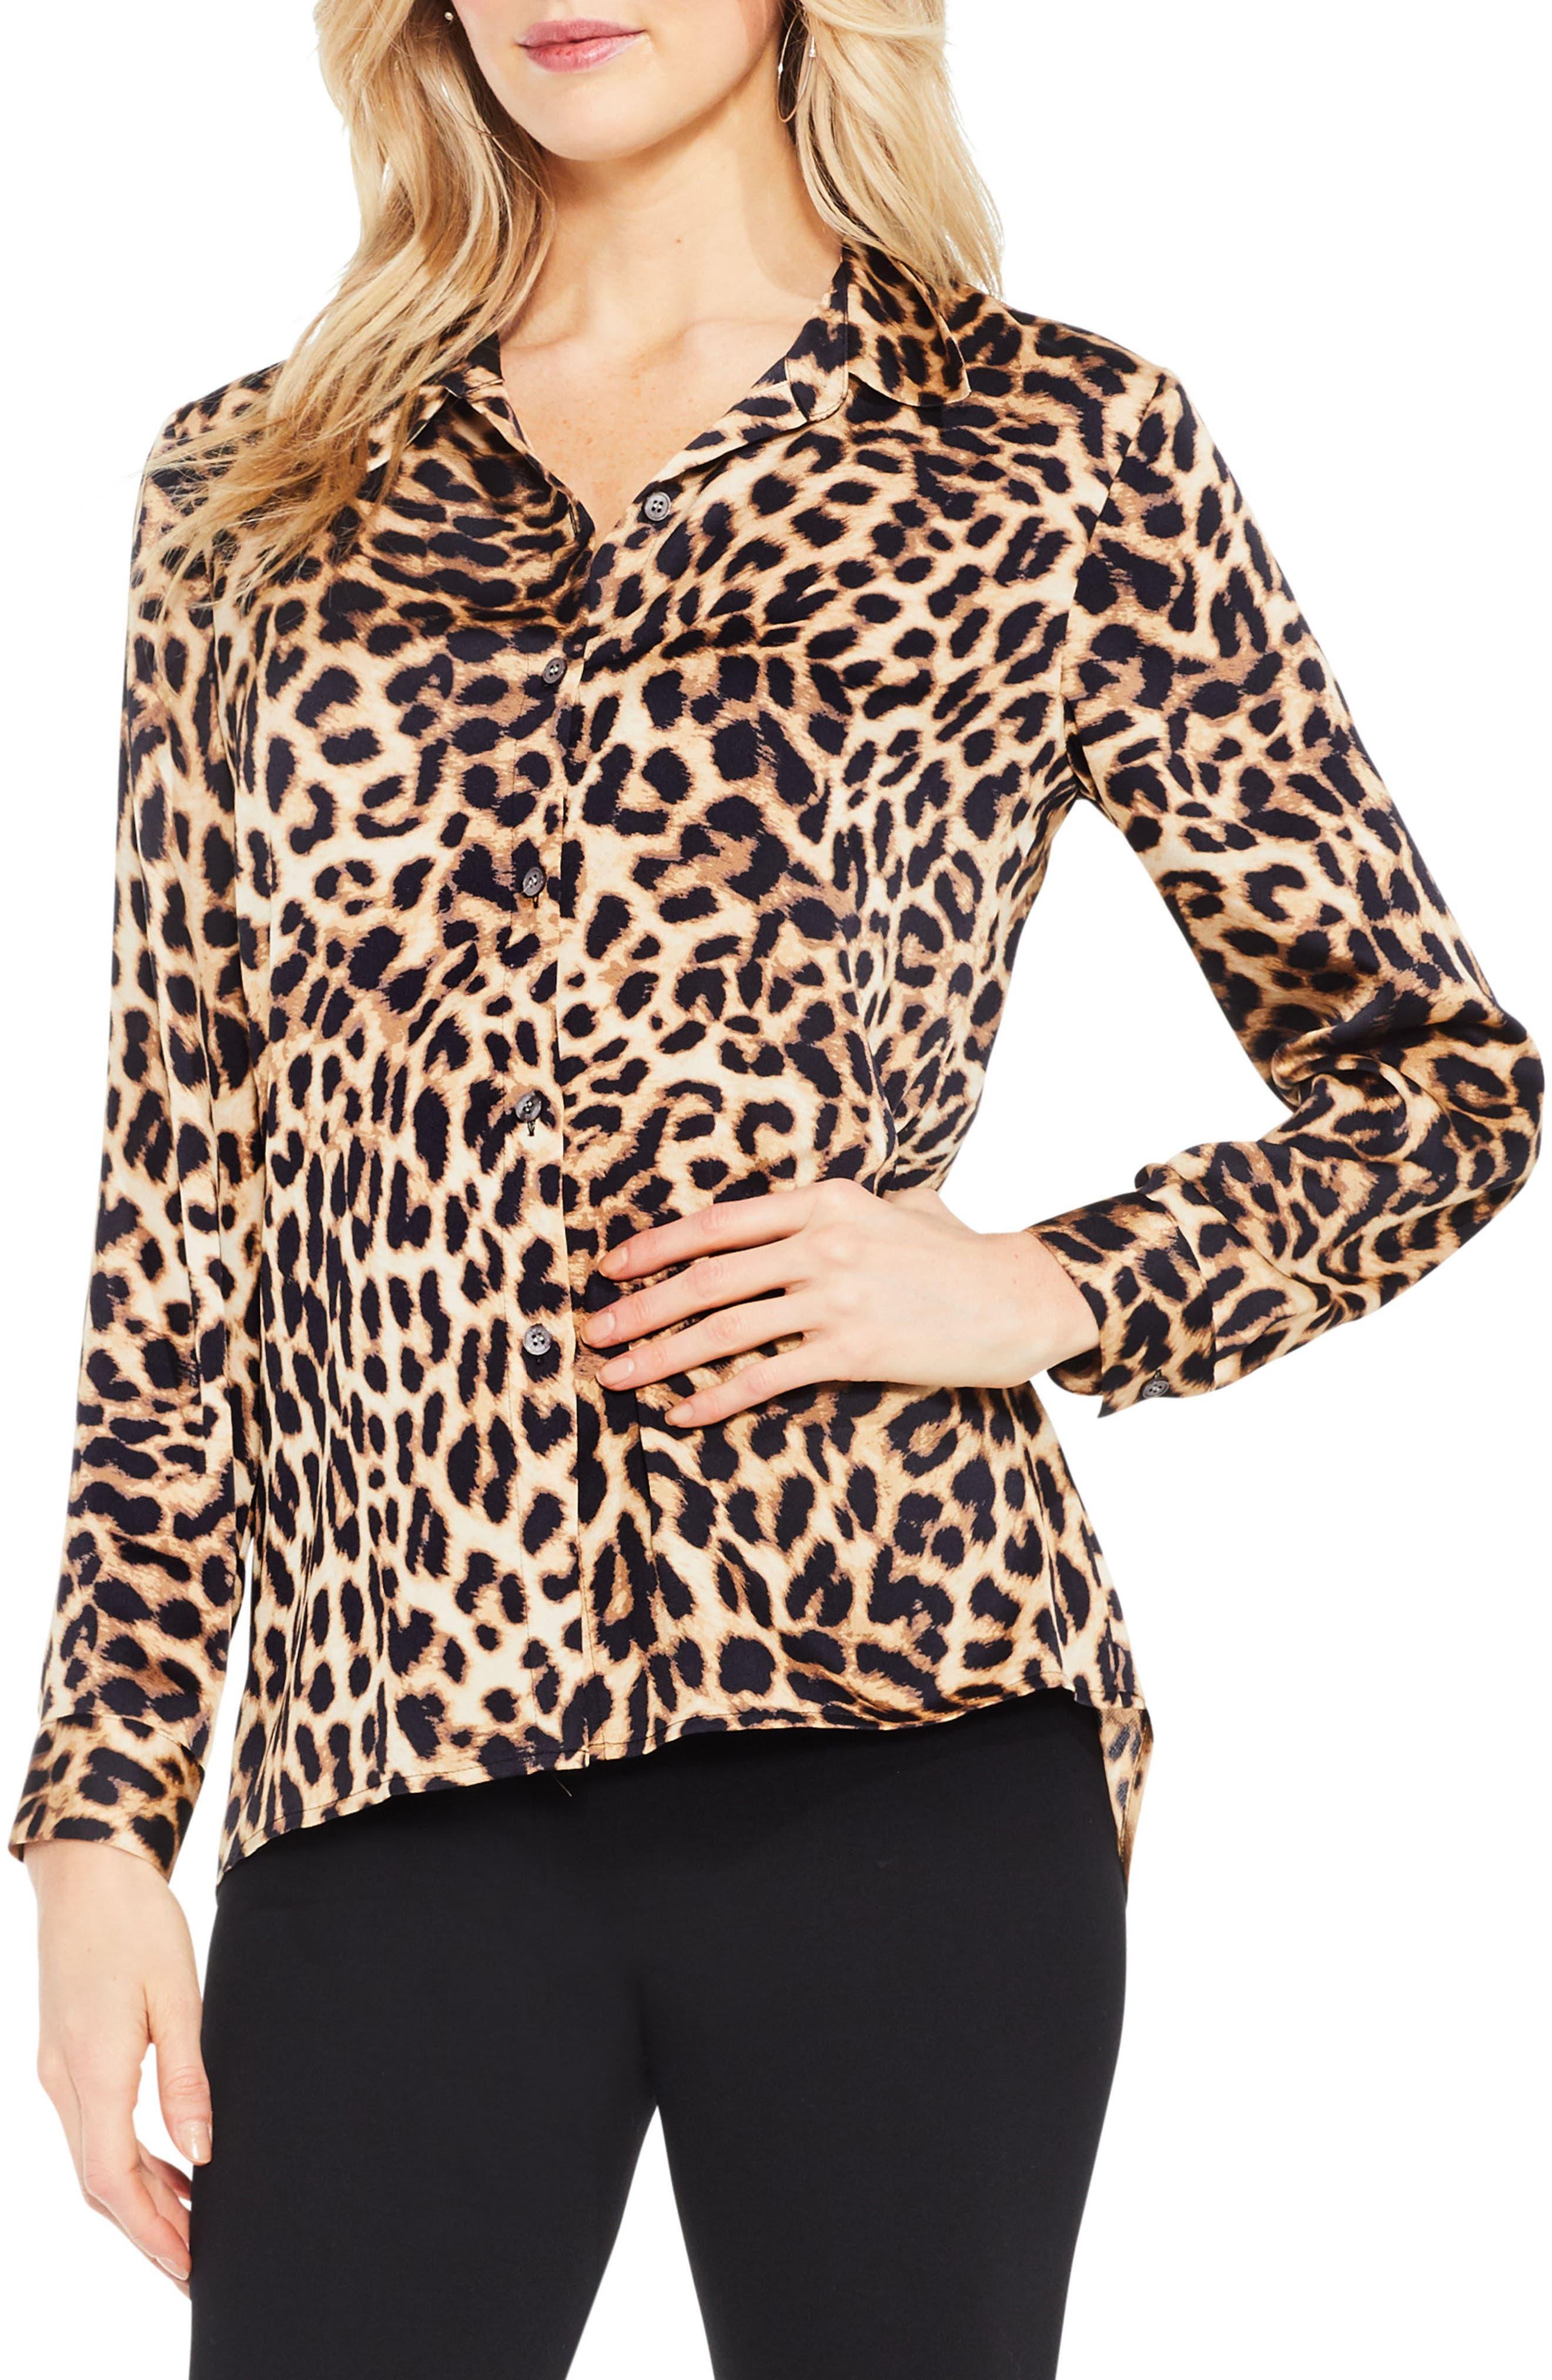 Leopard Print Blouse,                         Main,                         color, Rich Black